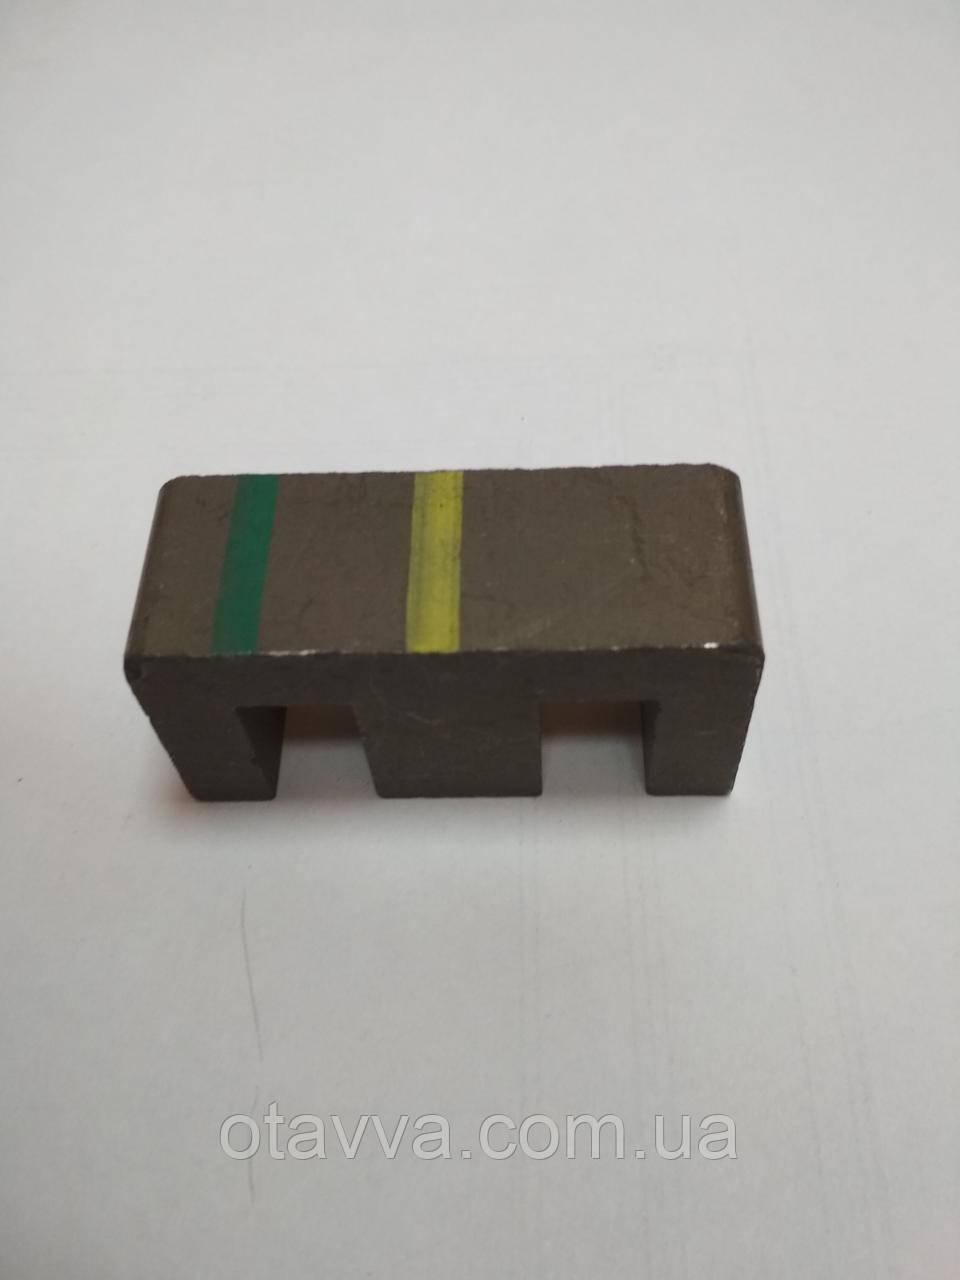 Ш-образный сердечник из распыленного железа фирмы Micrometals